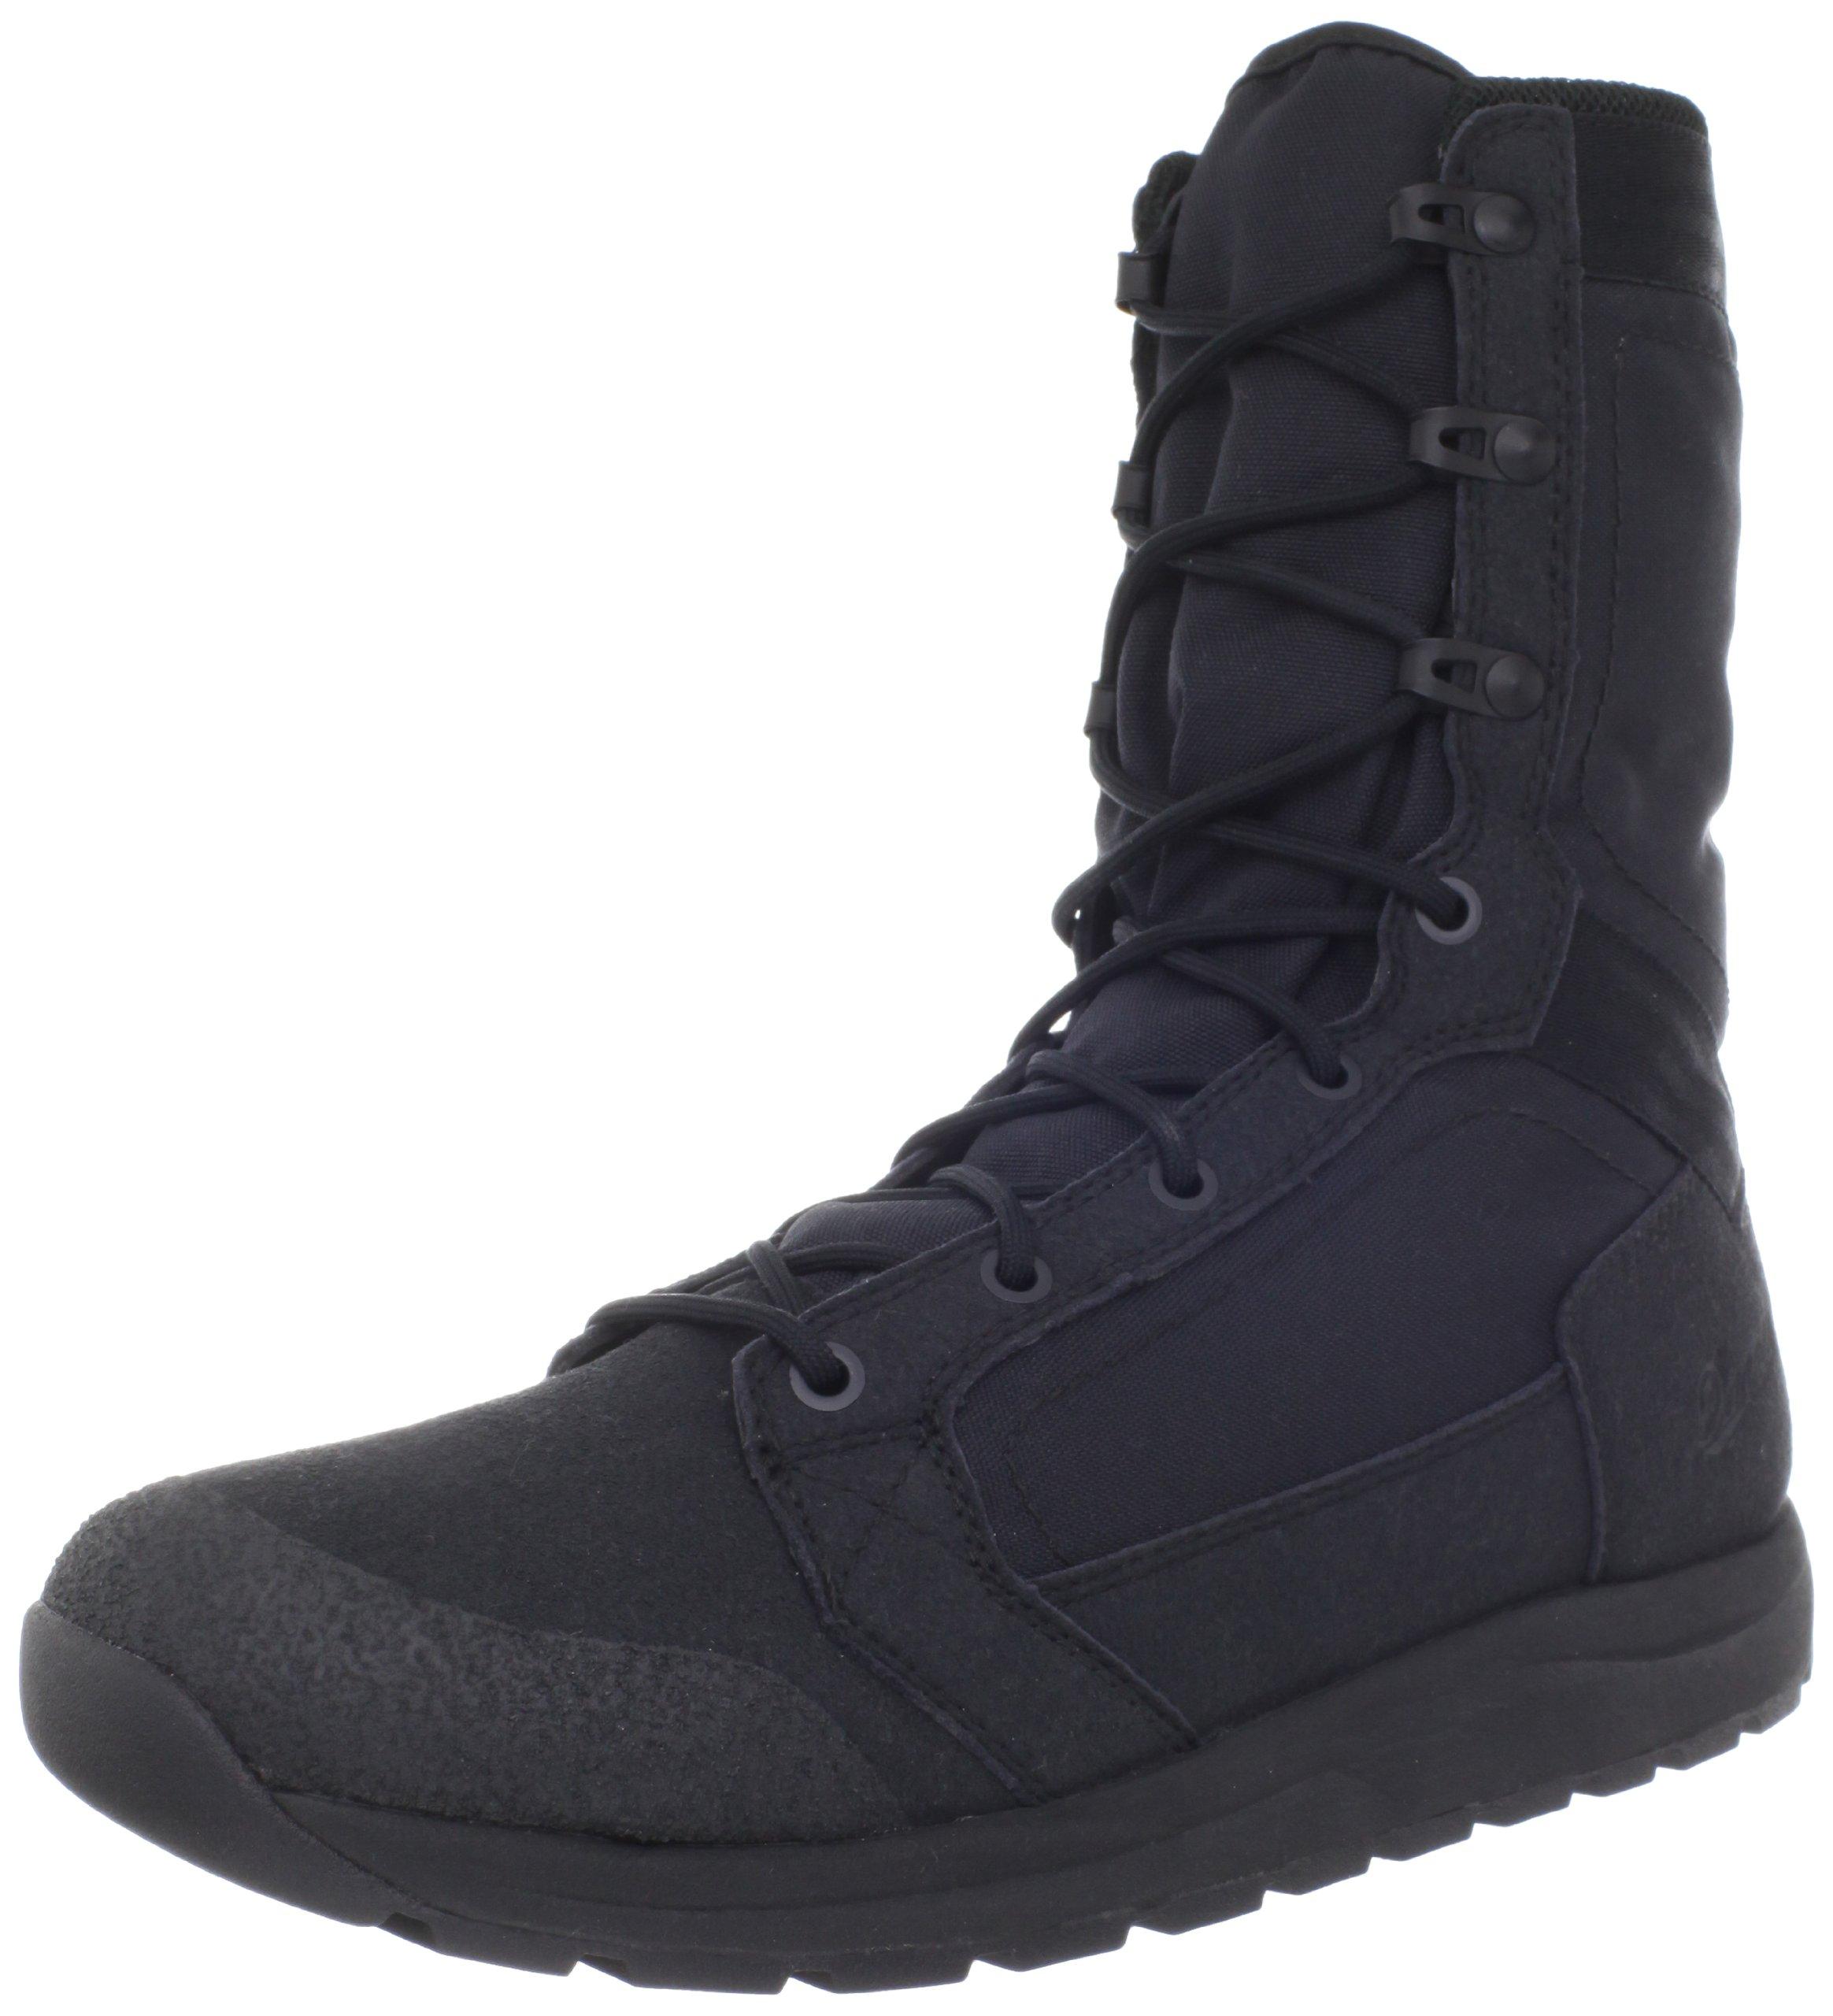 """Danner Men's Tachyon 8"""" Duty Boots,Black,10.5 D US"""